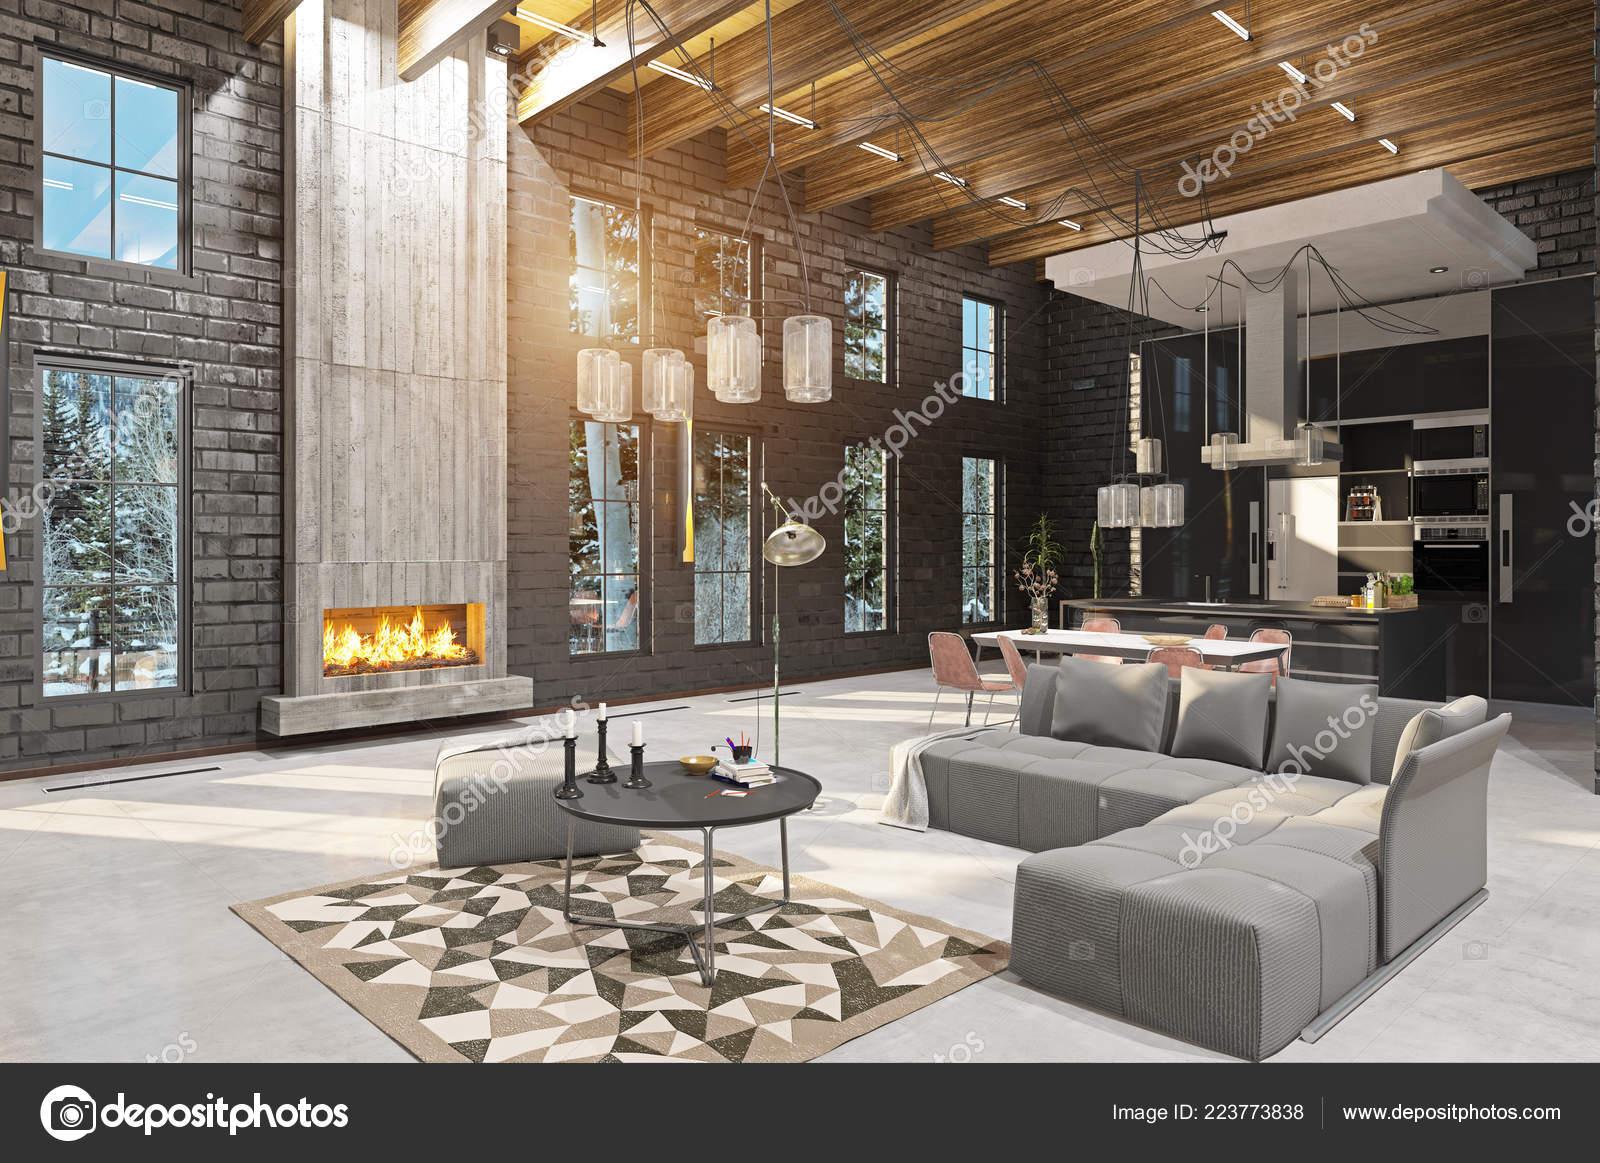 Int rieur maison luxe avec chemin e concept design rendu photographie vicnt2815 223773838 - Cheminee interieur maison ...